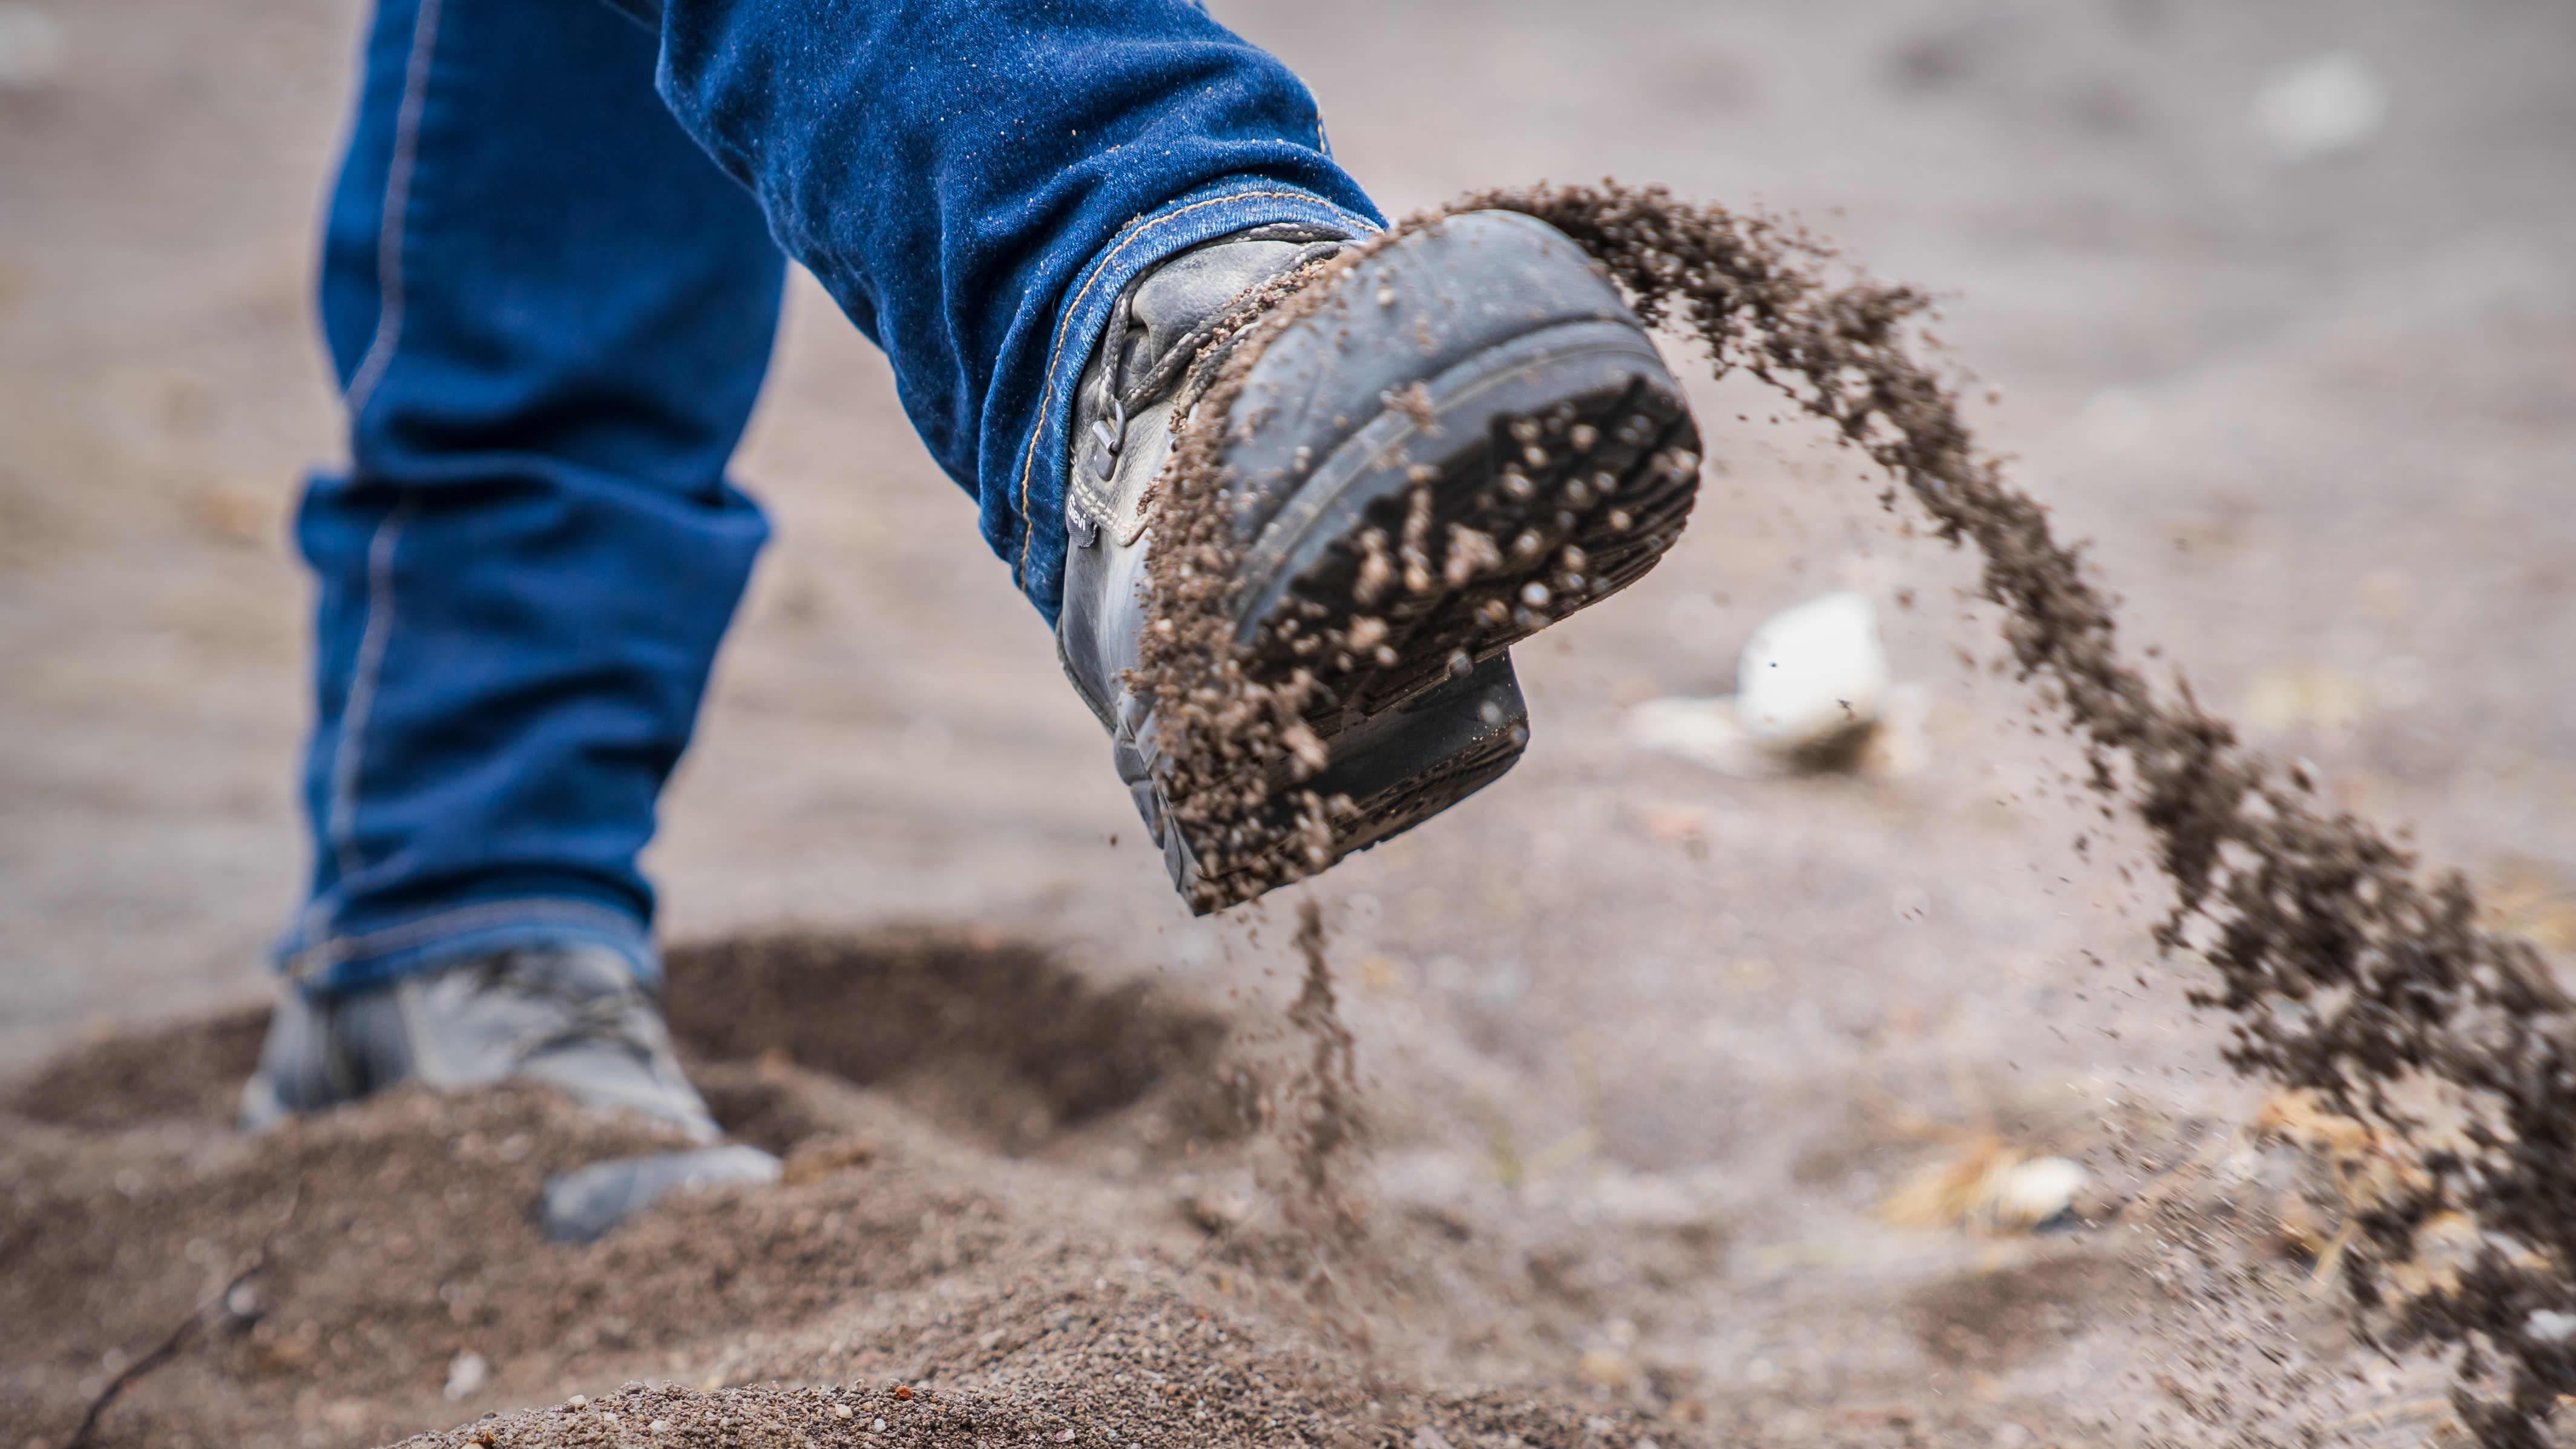 Jalka potkaisee kaatopaikan pohjakuona-ainesta.